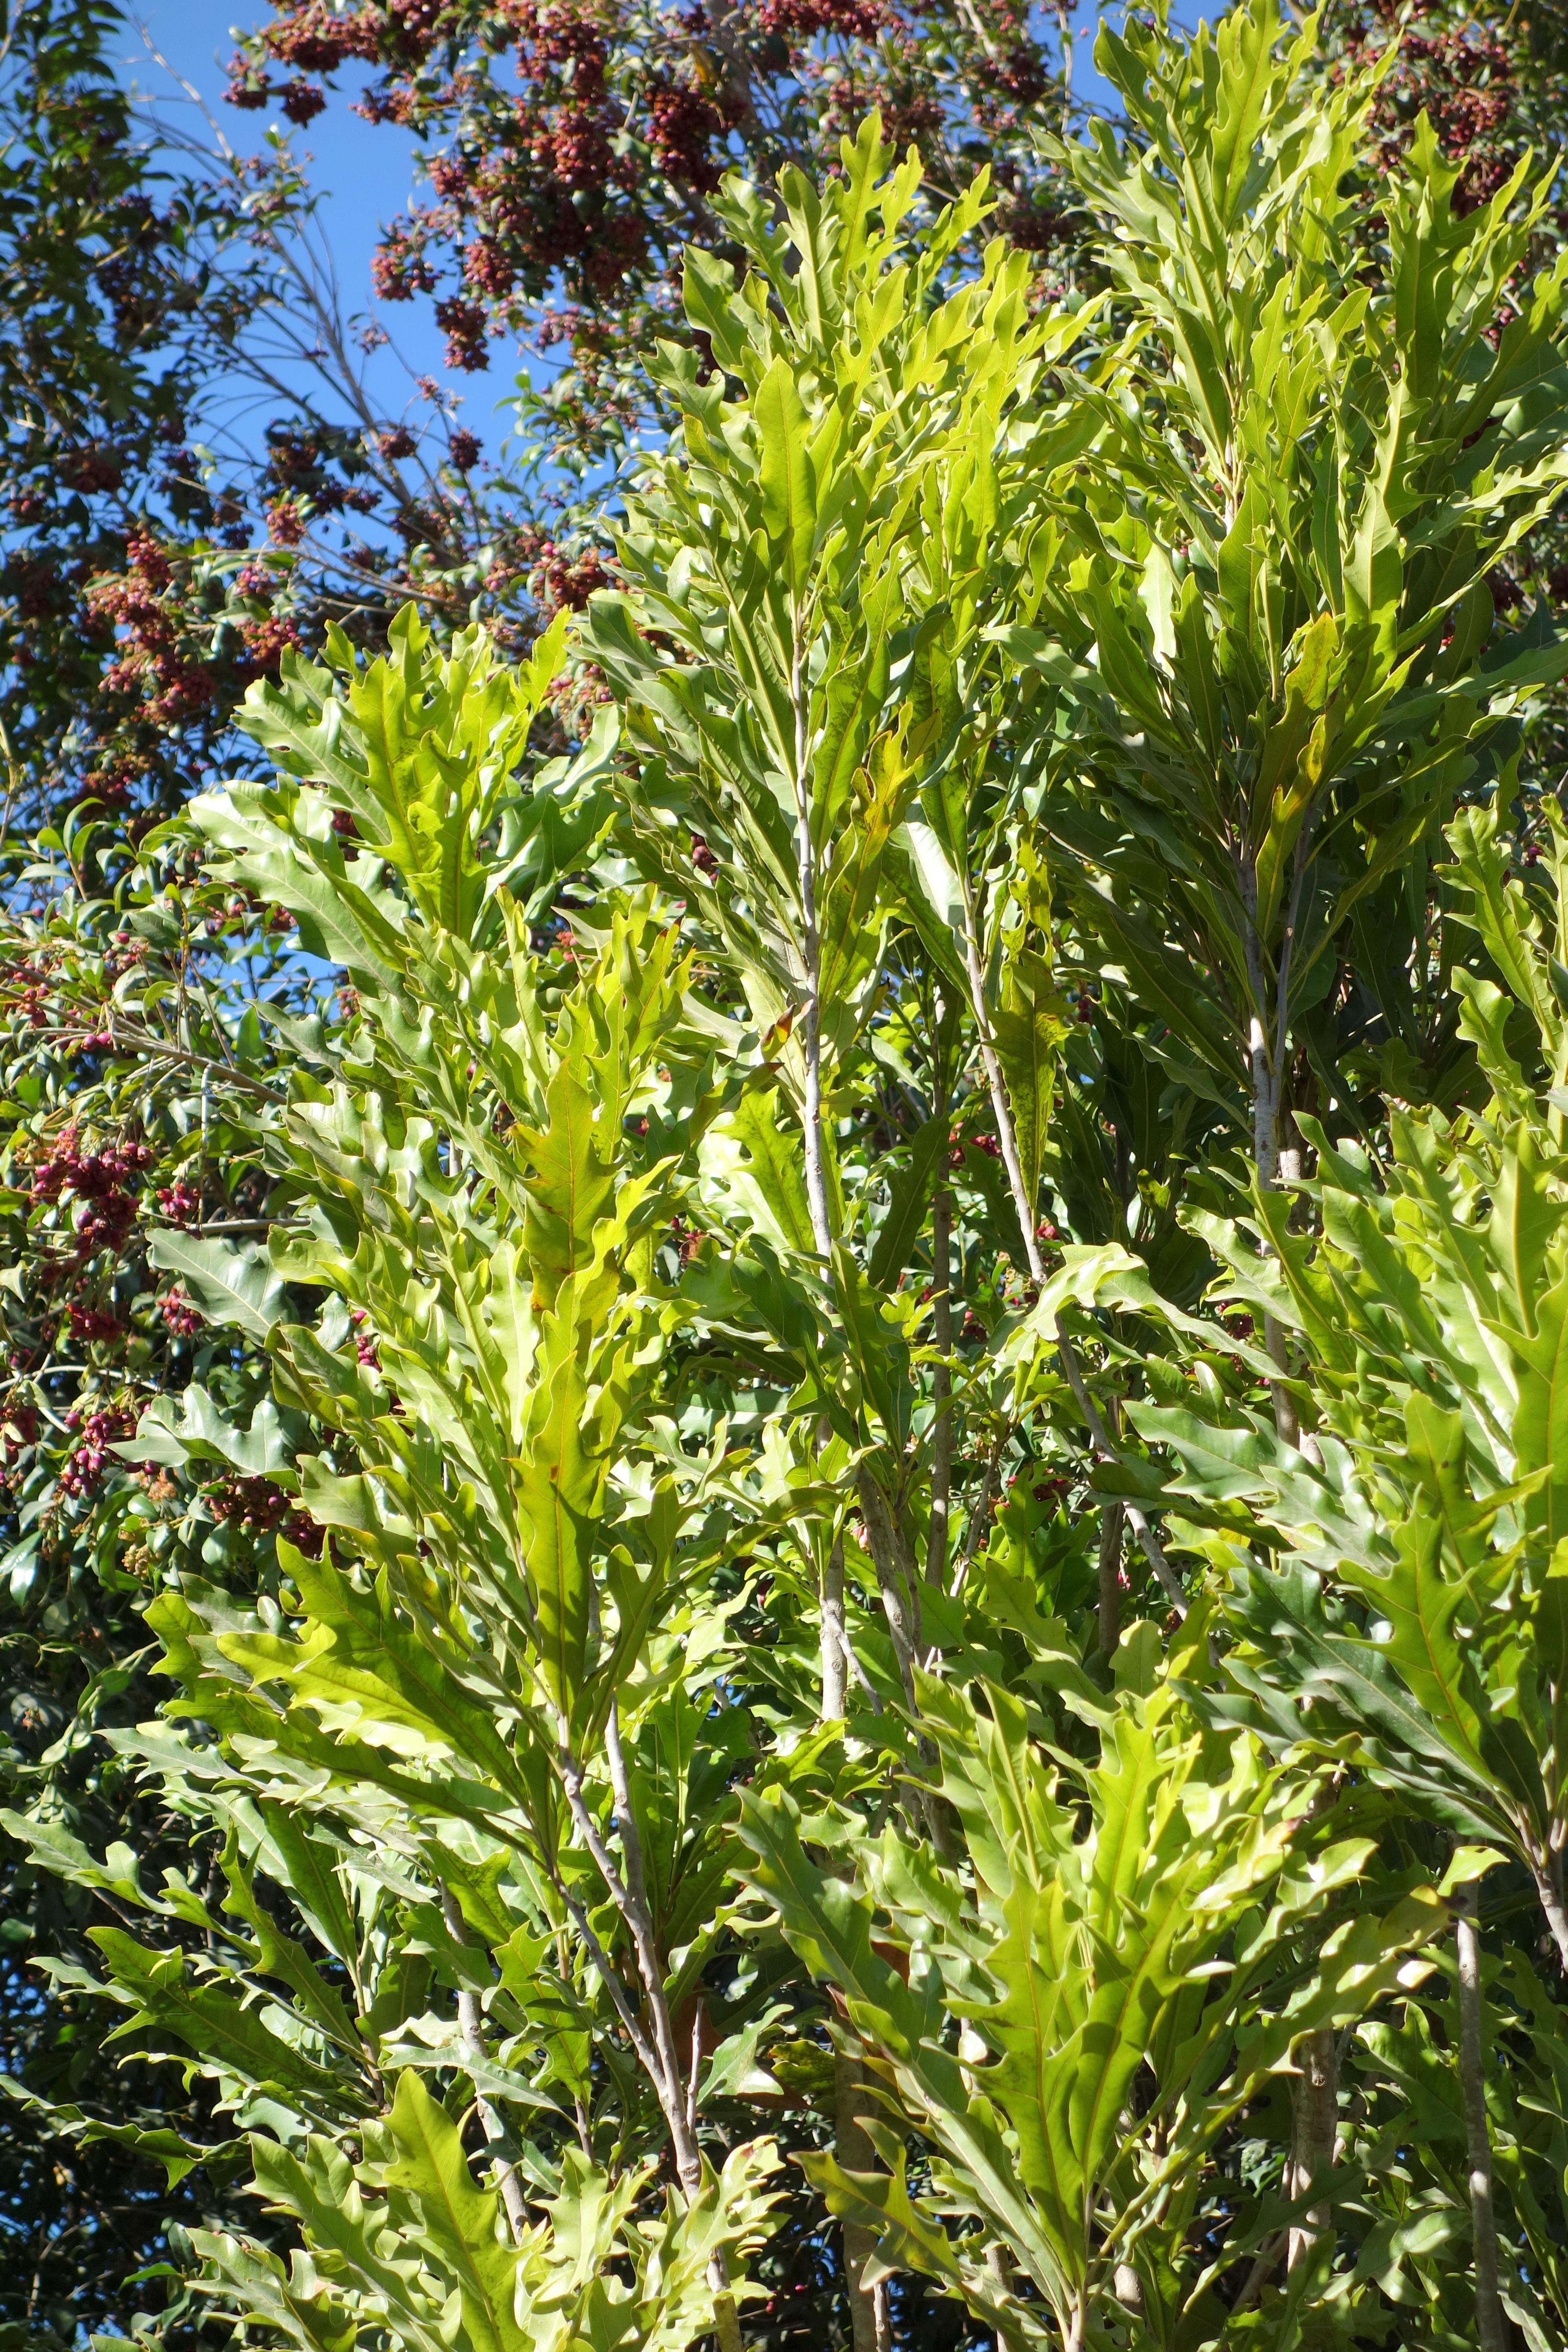 File:Stenocarpus sinuatus - Leaning Pine Arboretum ...